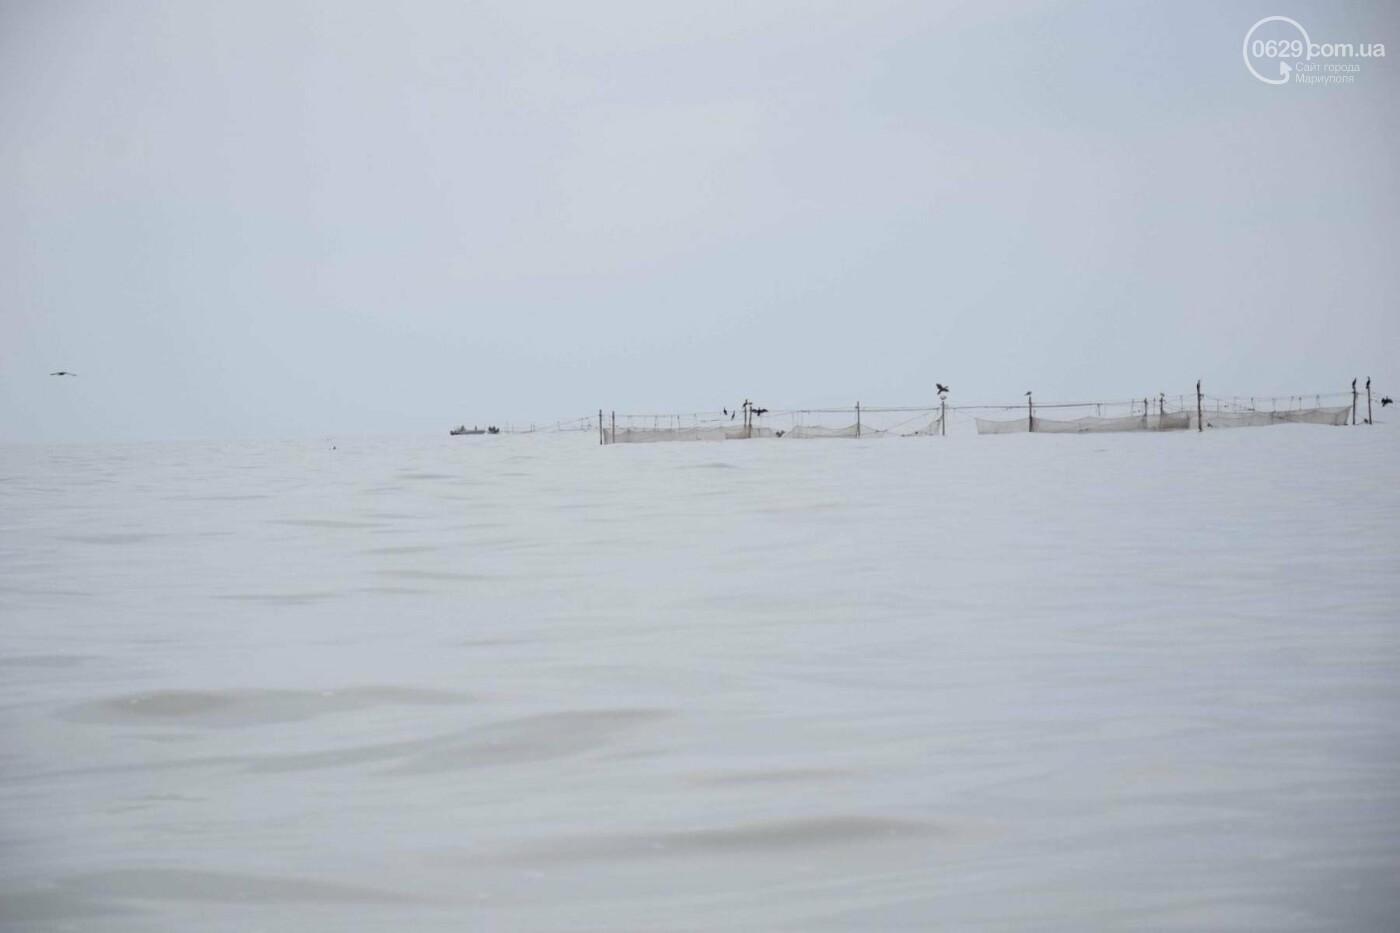 Массовая гибель морских птиц на Азовском побережье: версии, - ФОТО, фото-4